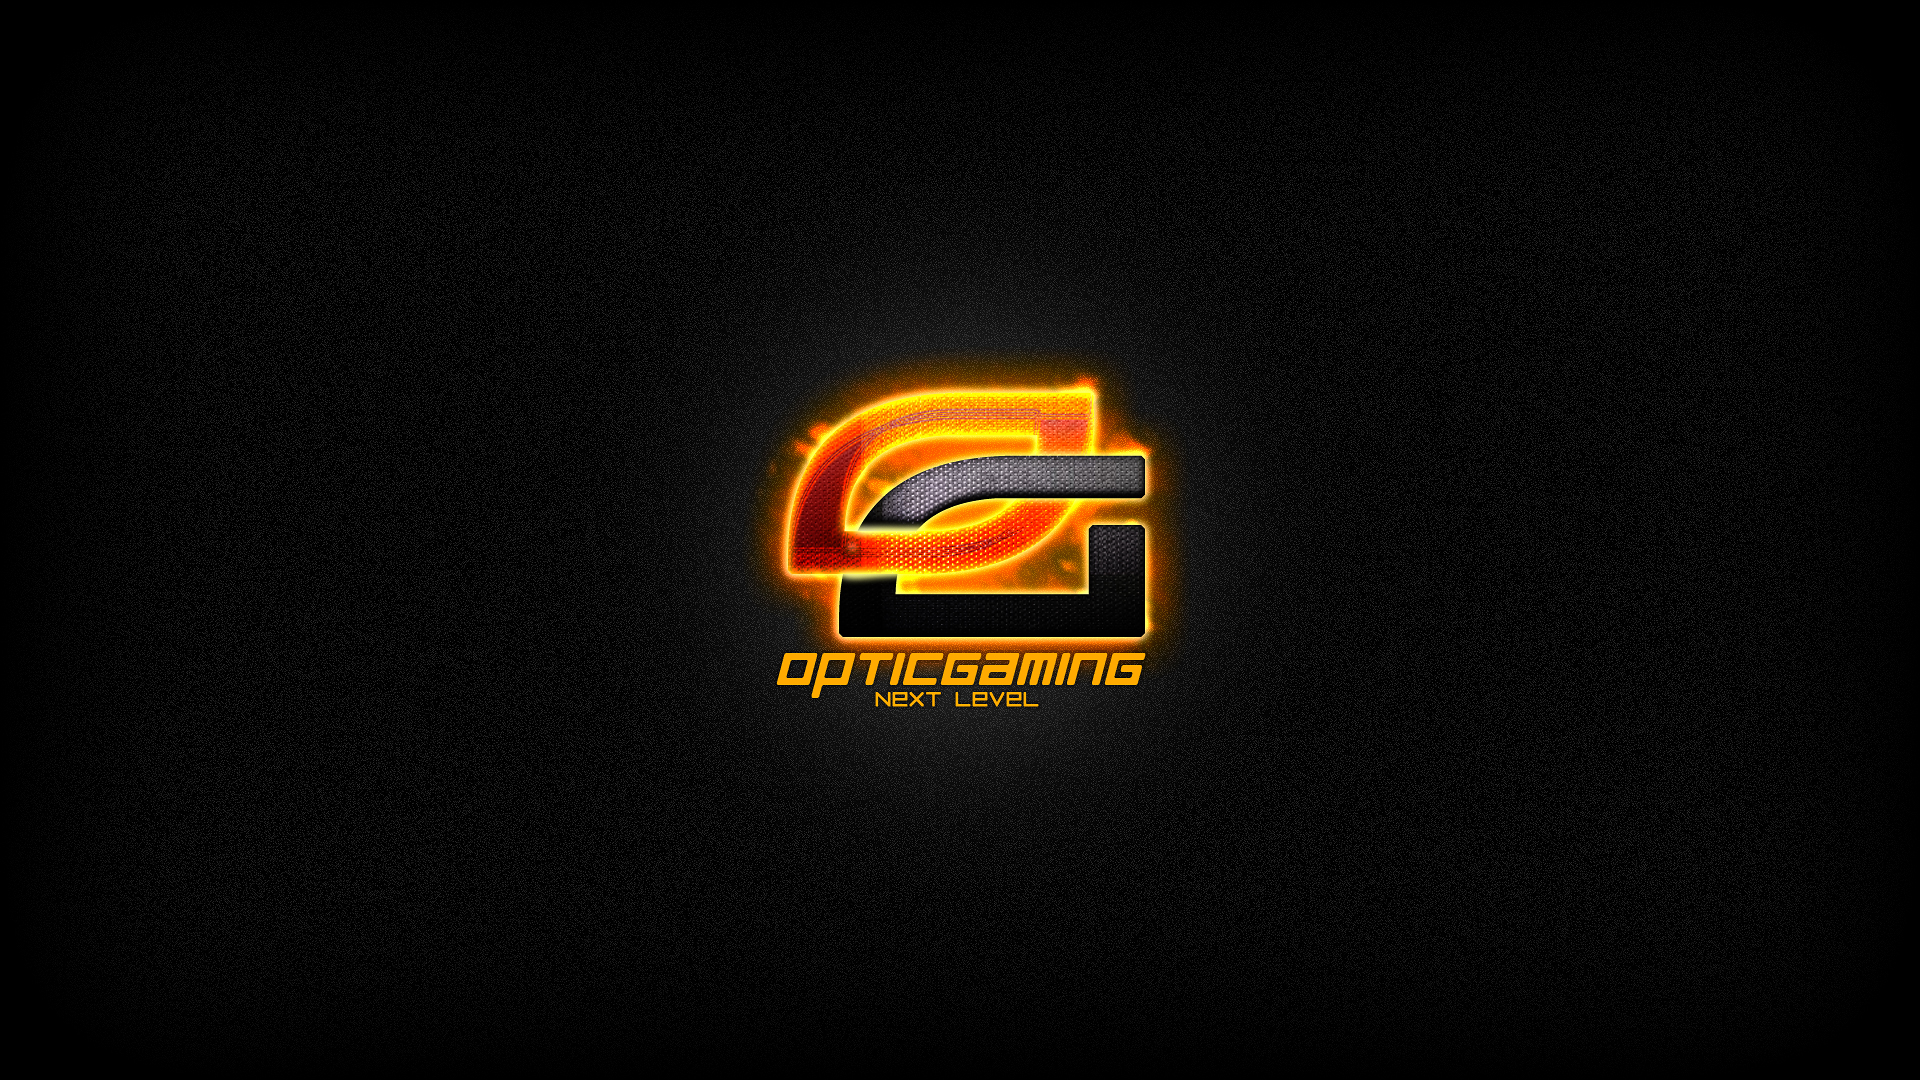 Optic Gaming Logo Wallpaper - WallpaperSafari